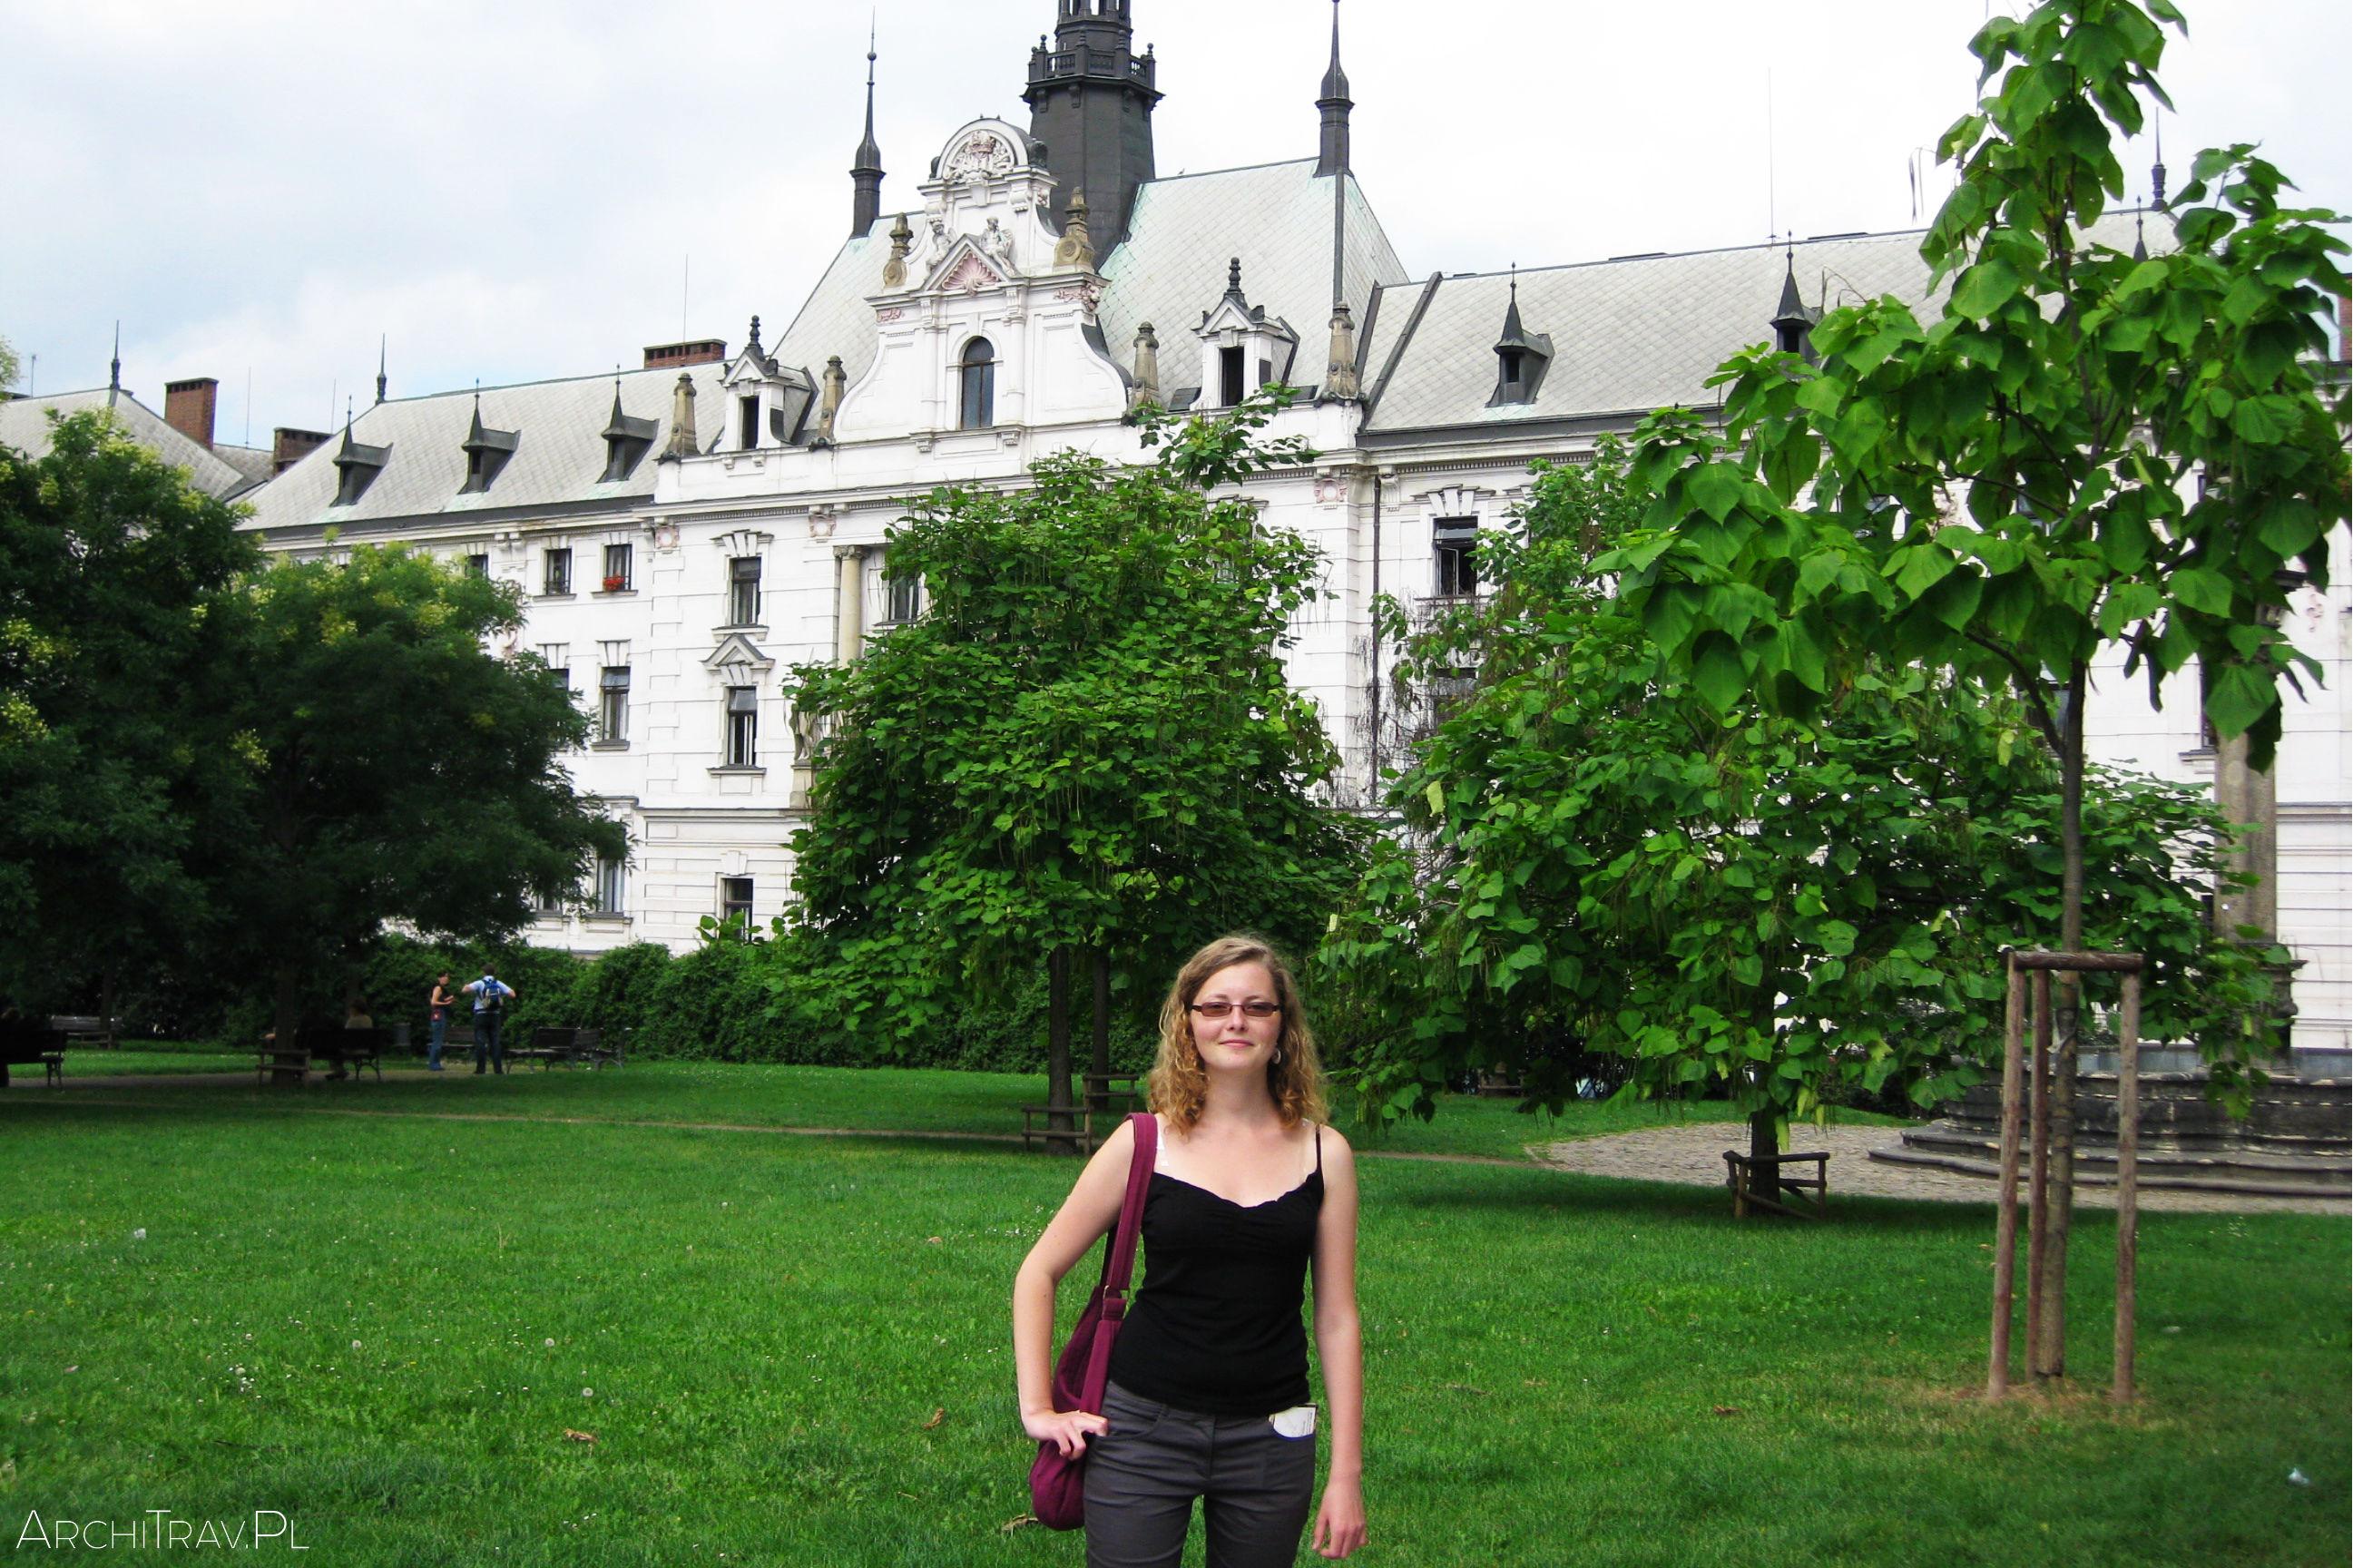 Plac Karola w 2008 r. Widok na Sąd Miejski.